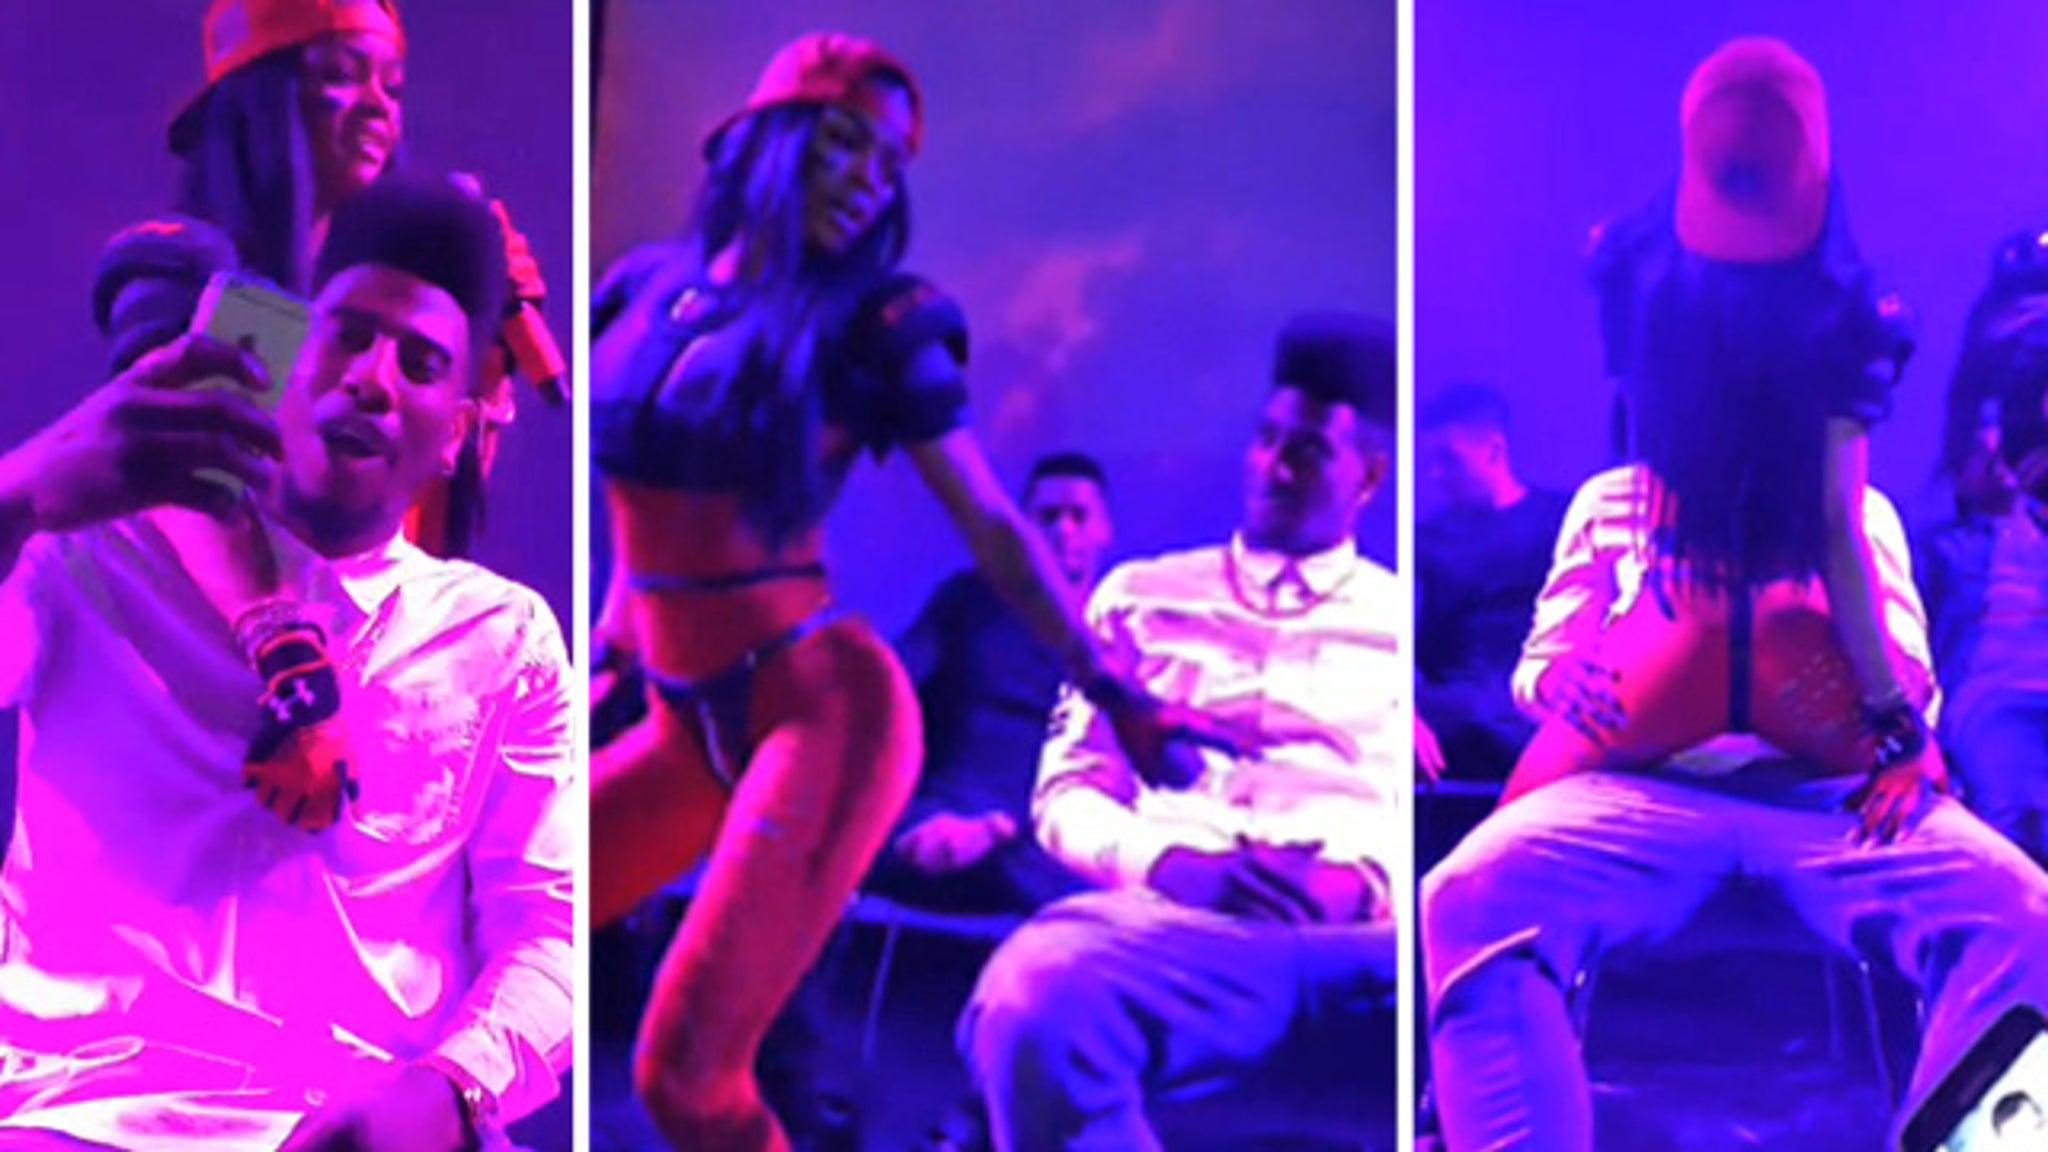 Erotic lap dance